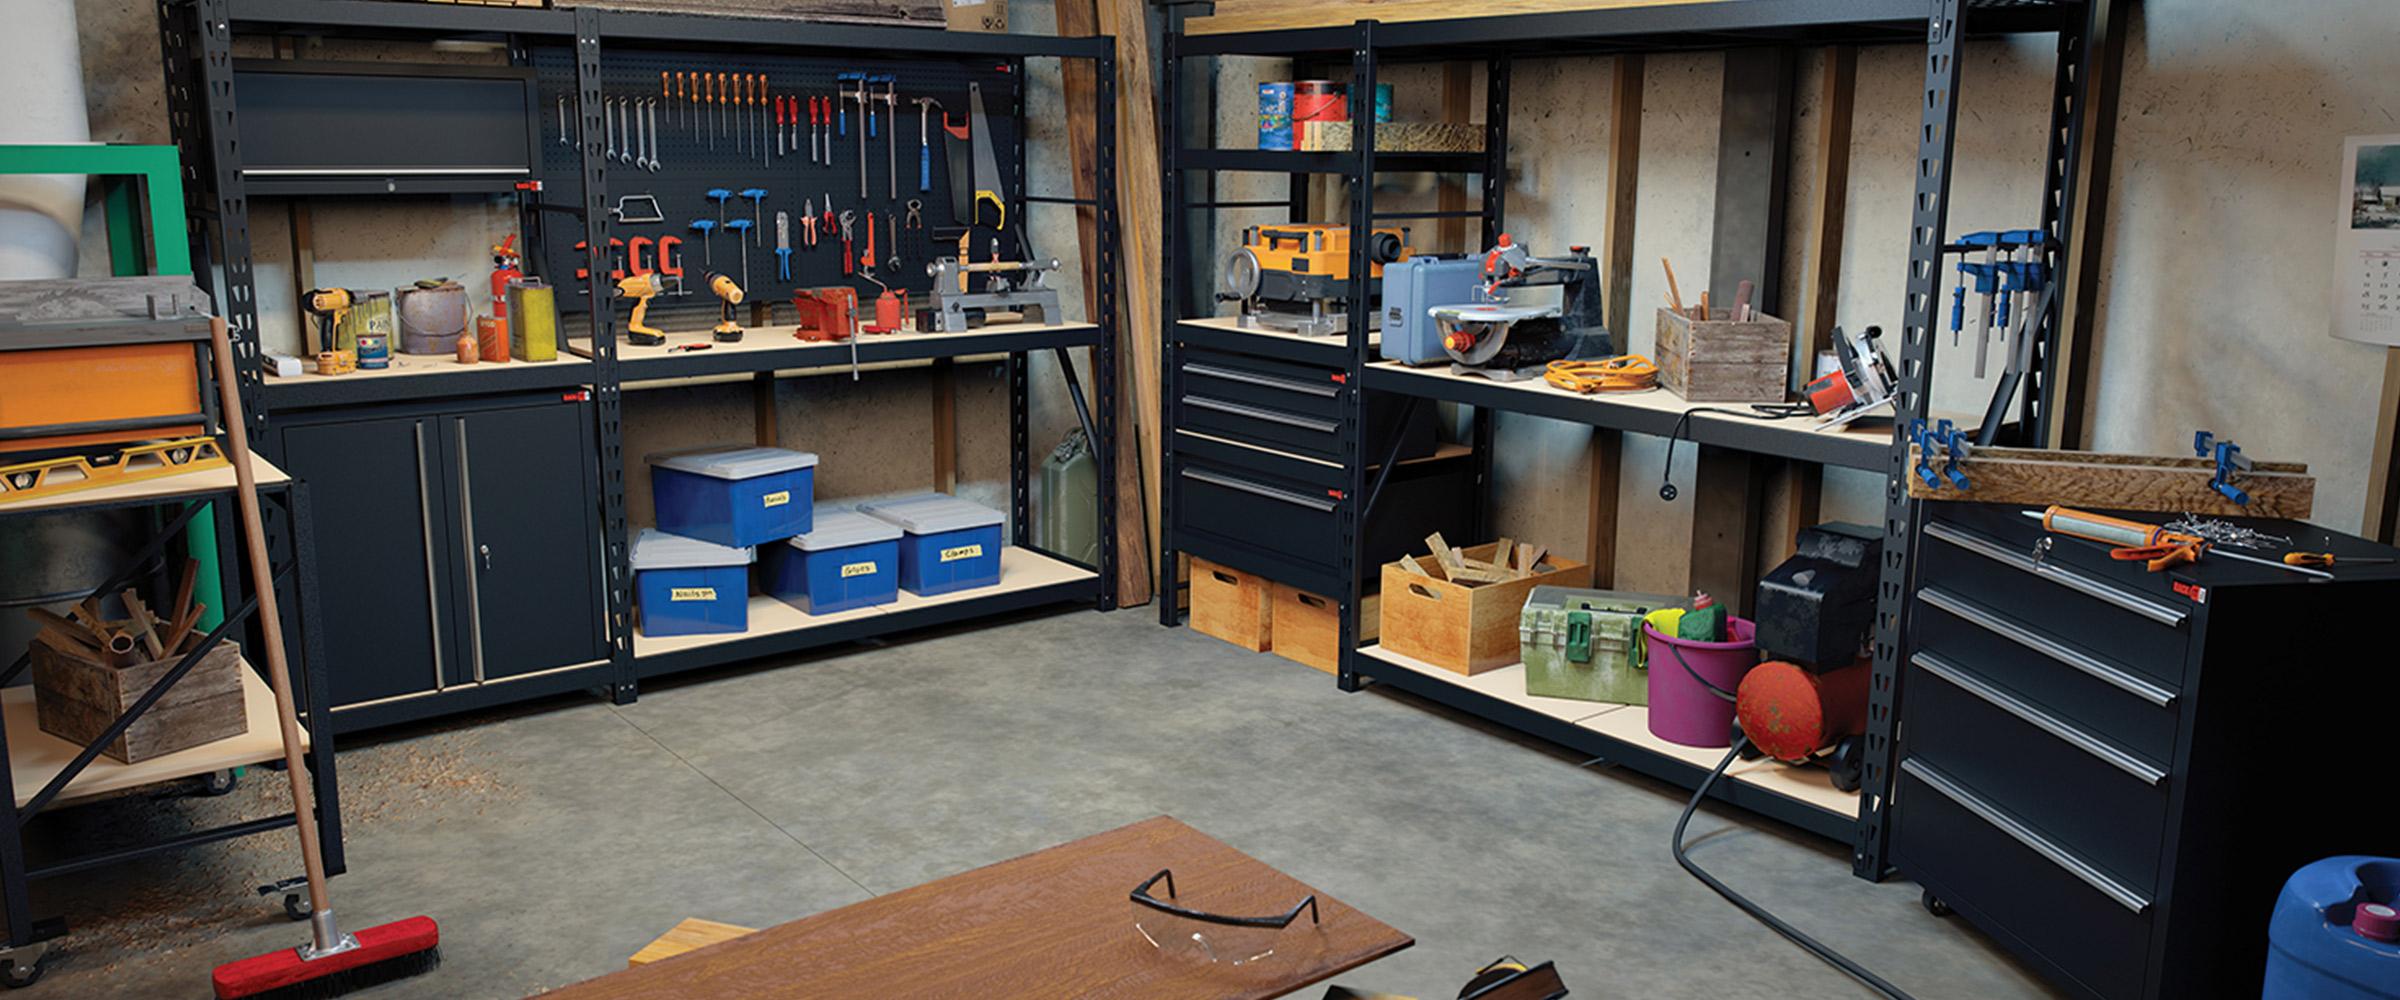 Ultimate Wood Workshop Storage setup by Rack It